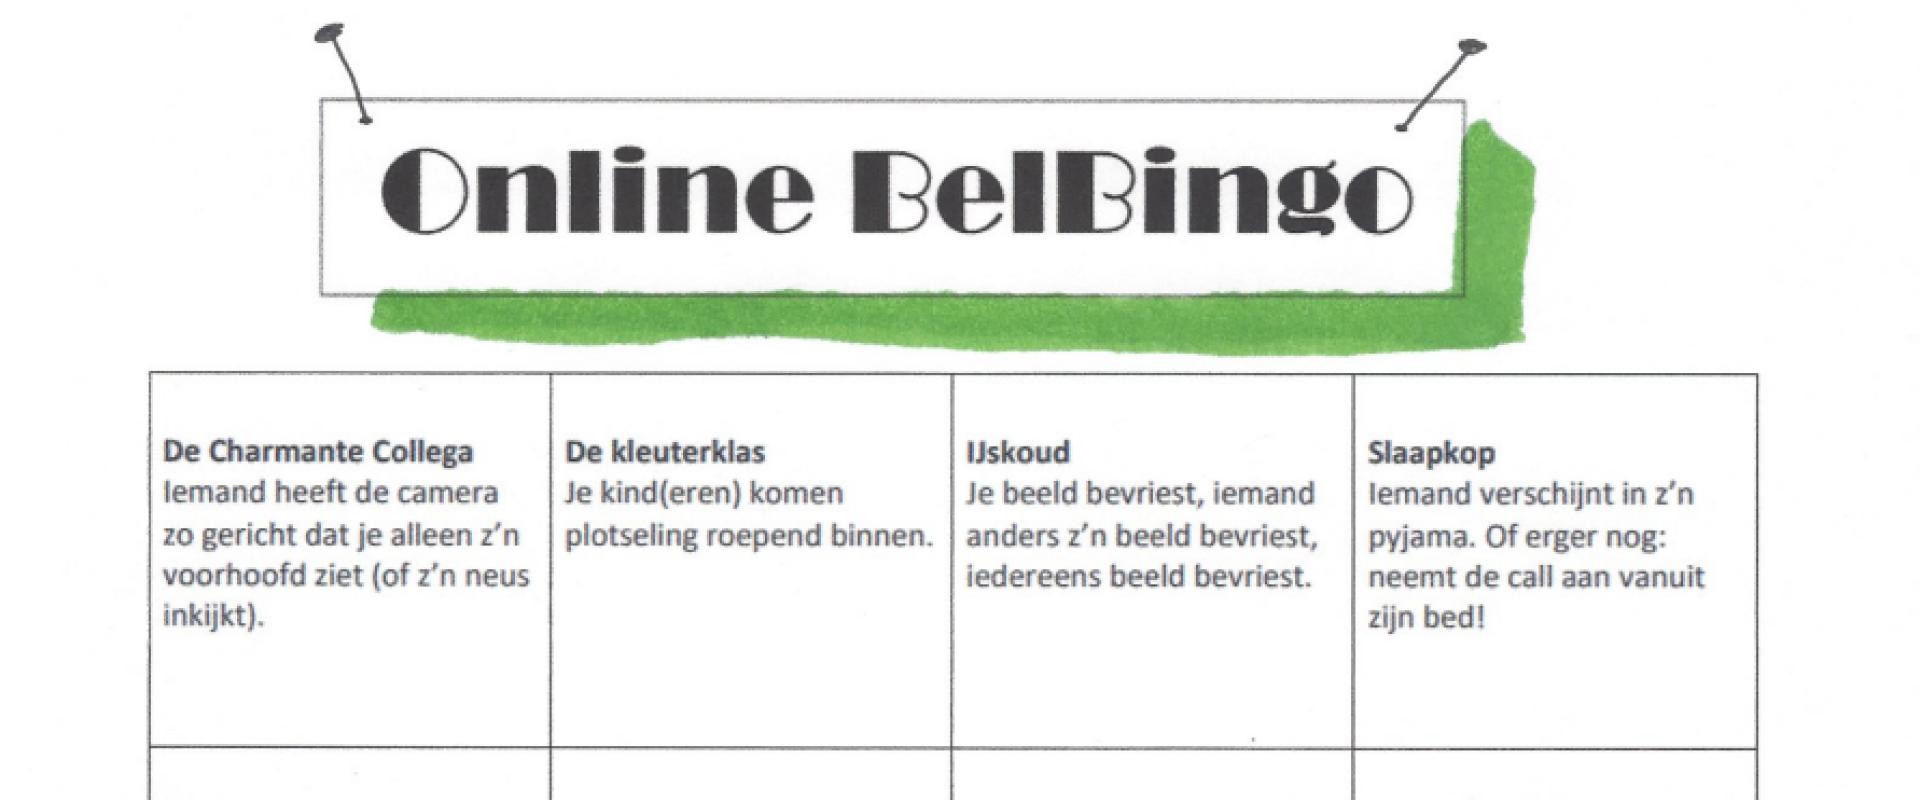 Download: Online Belbingo